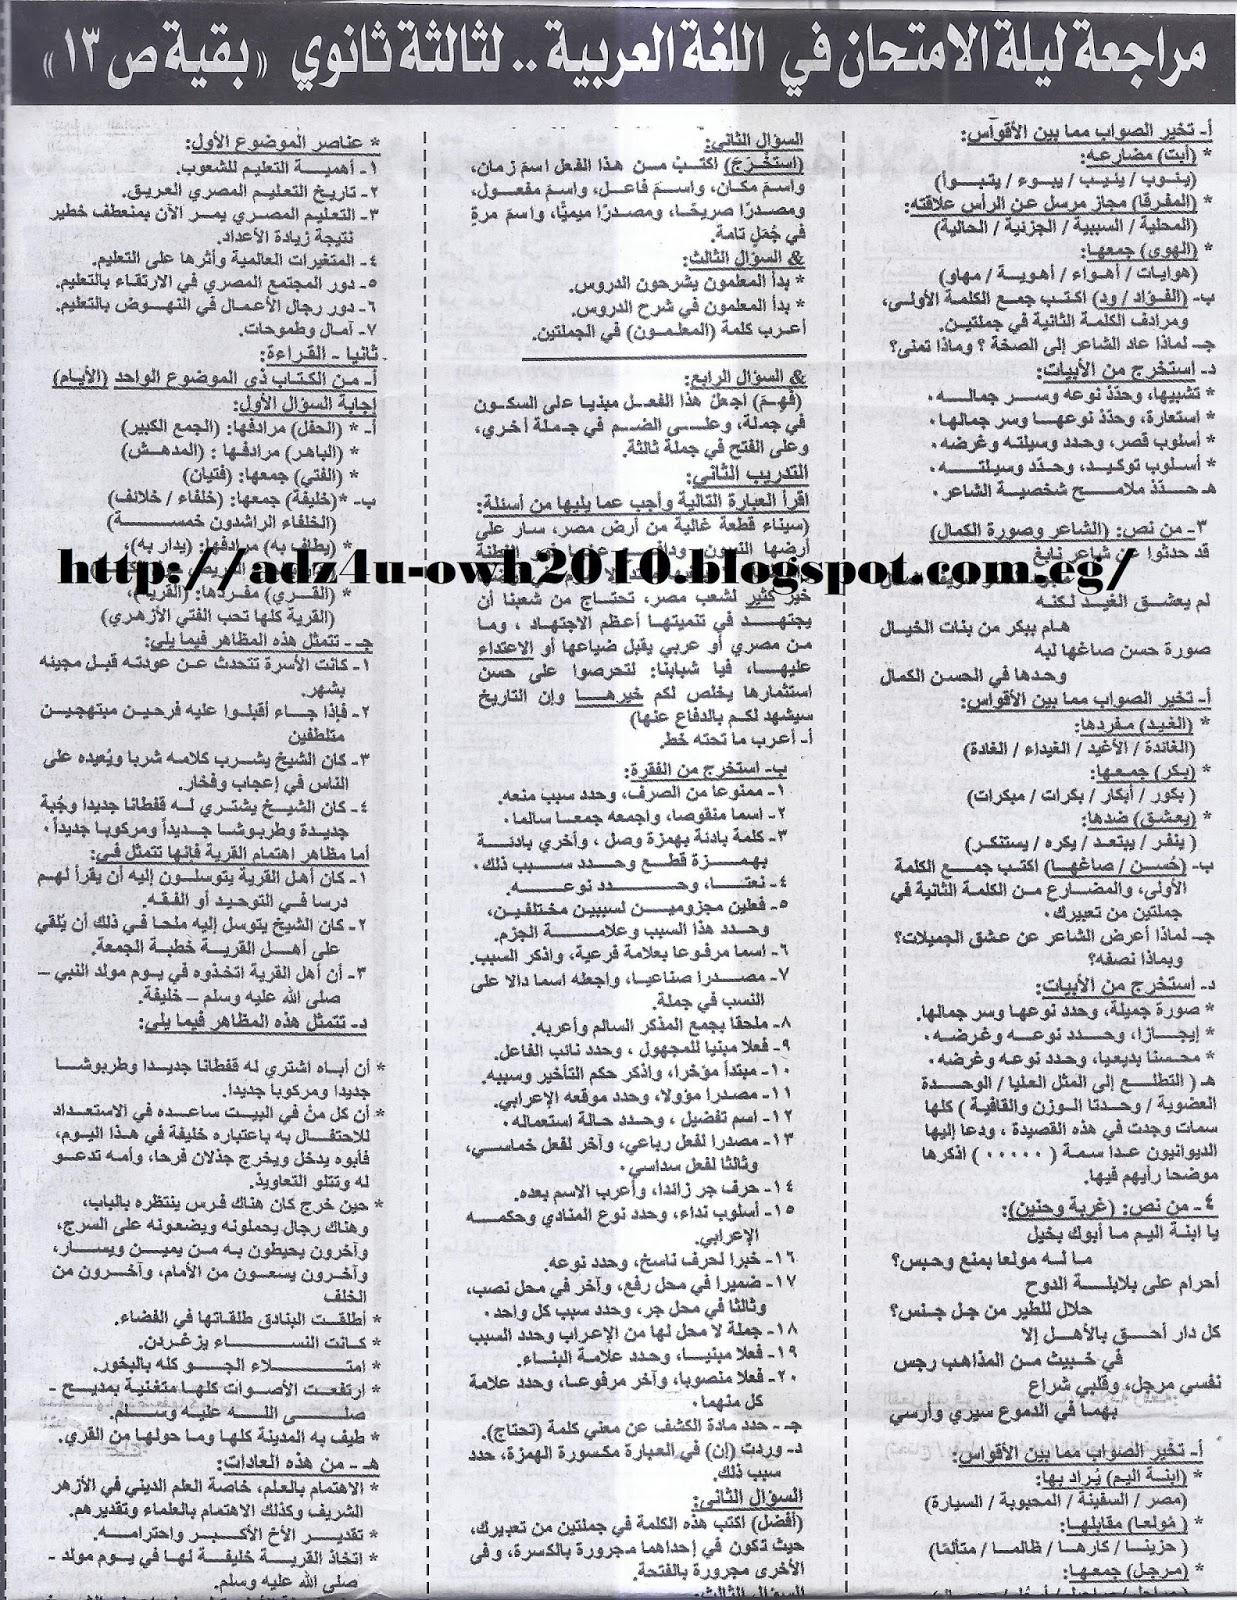 ملحق الجمهورية .. ينشر المراجعة الاخيرة لغة عربية للثانوية العامة 2016 12